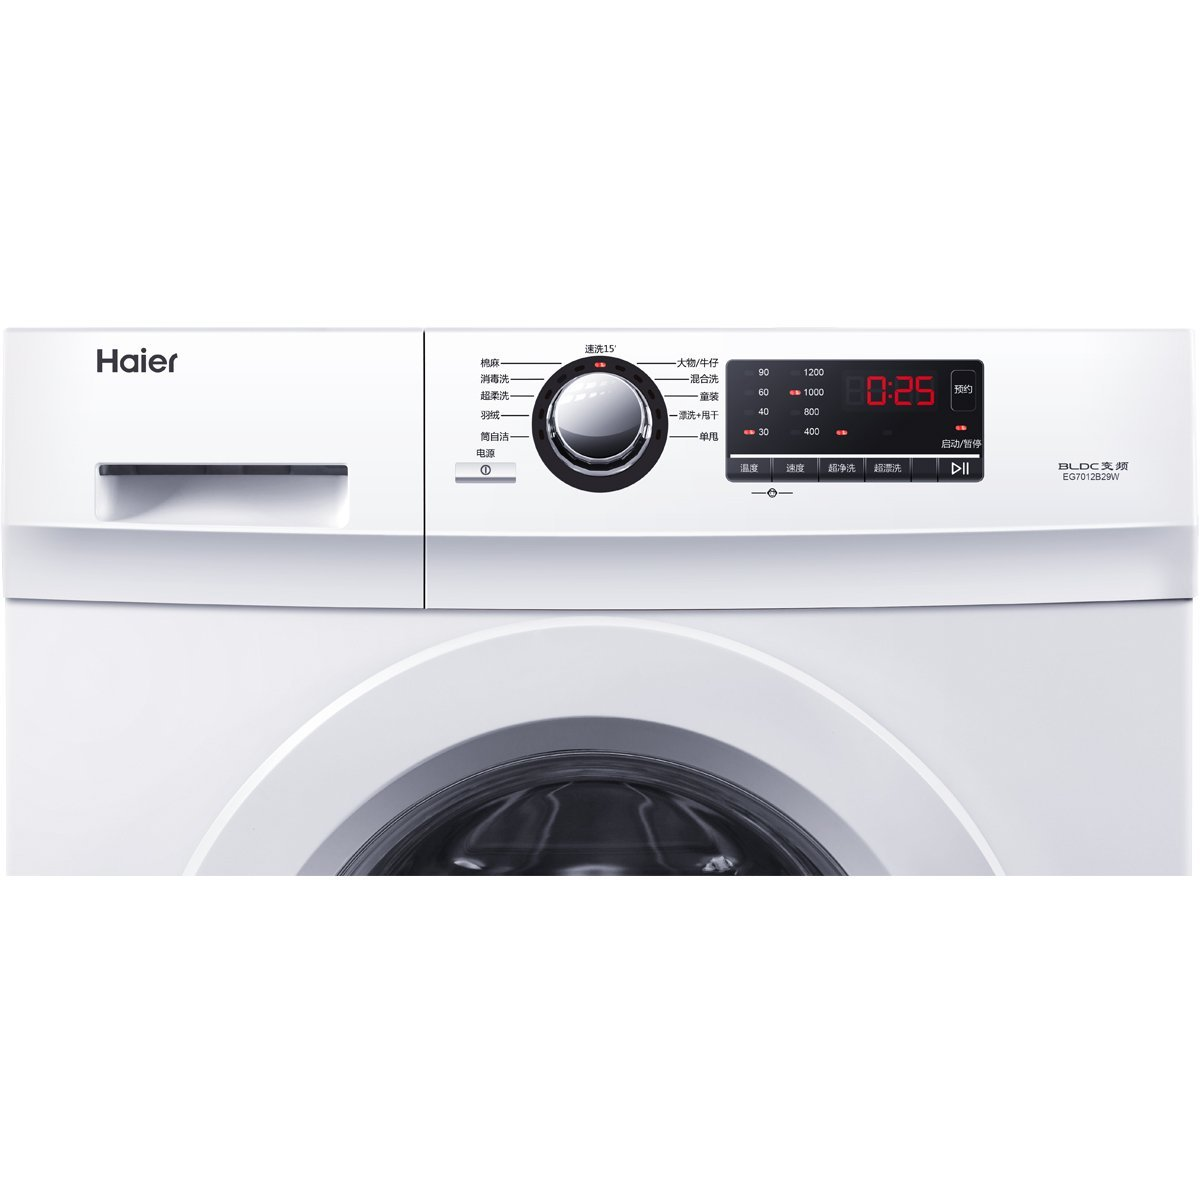 Điện gia dụng chính hãng   Hale eg7012b29w Hale 7 kg thay đổi tần số, con lăn máy giặt